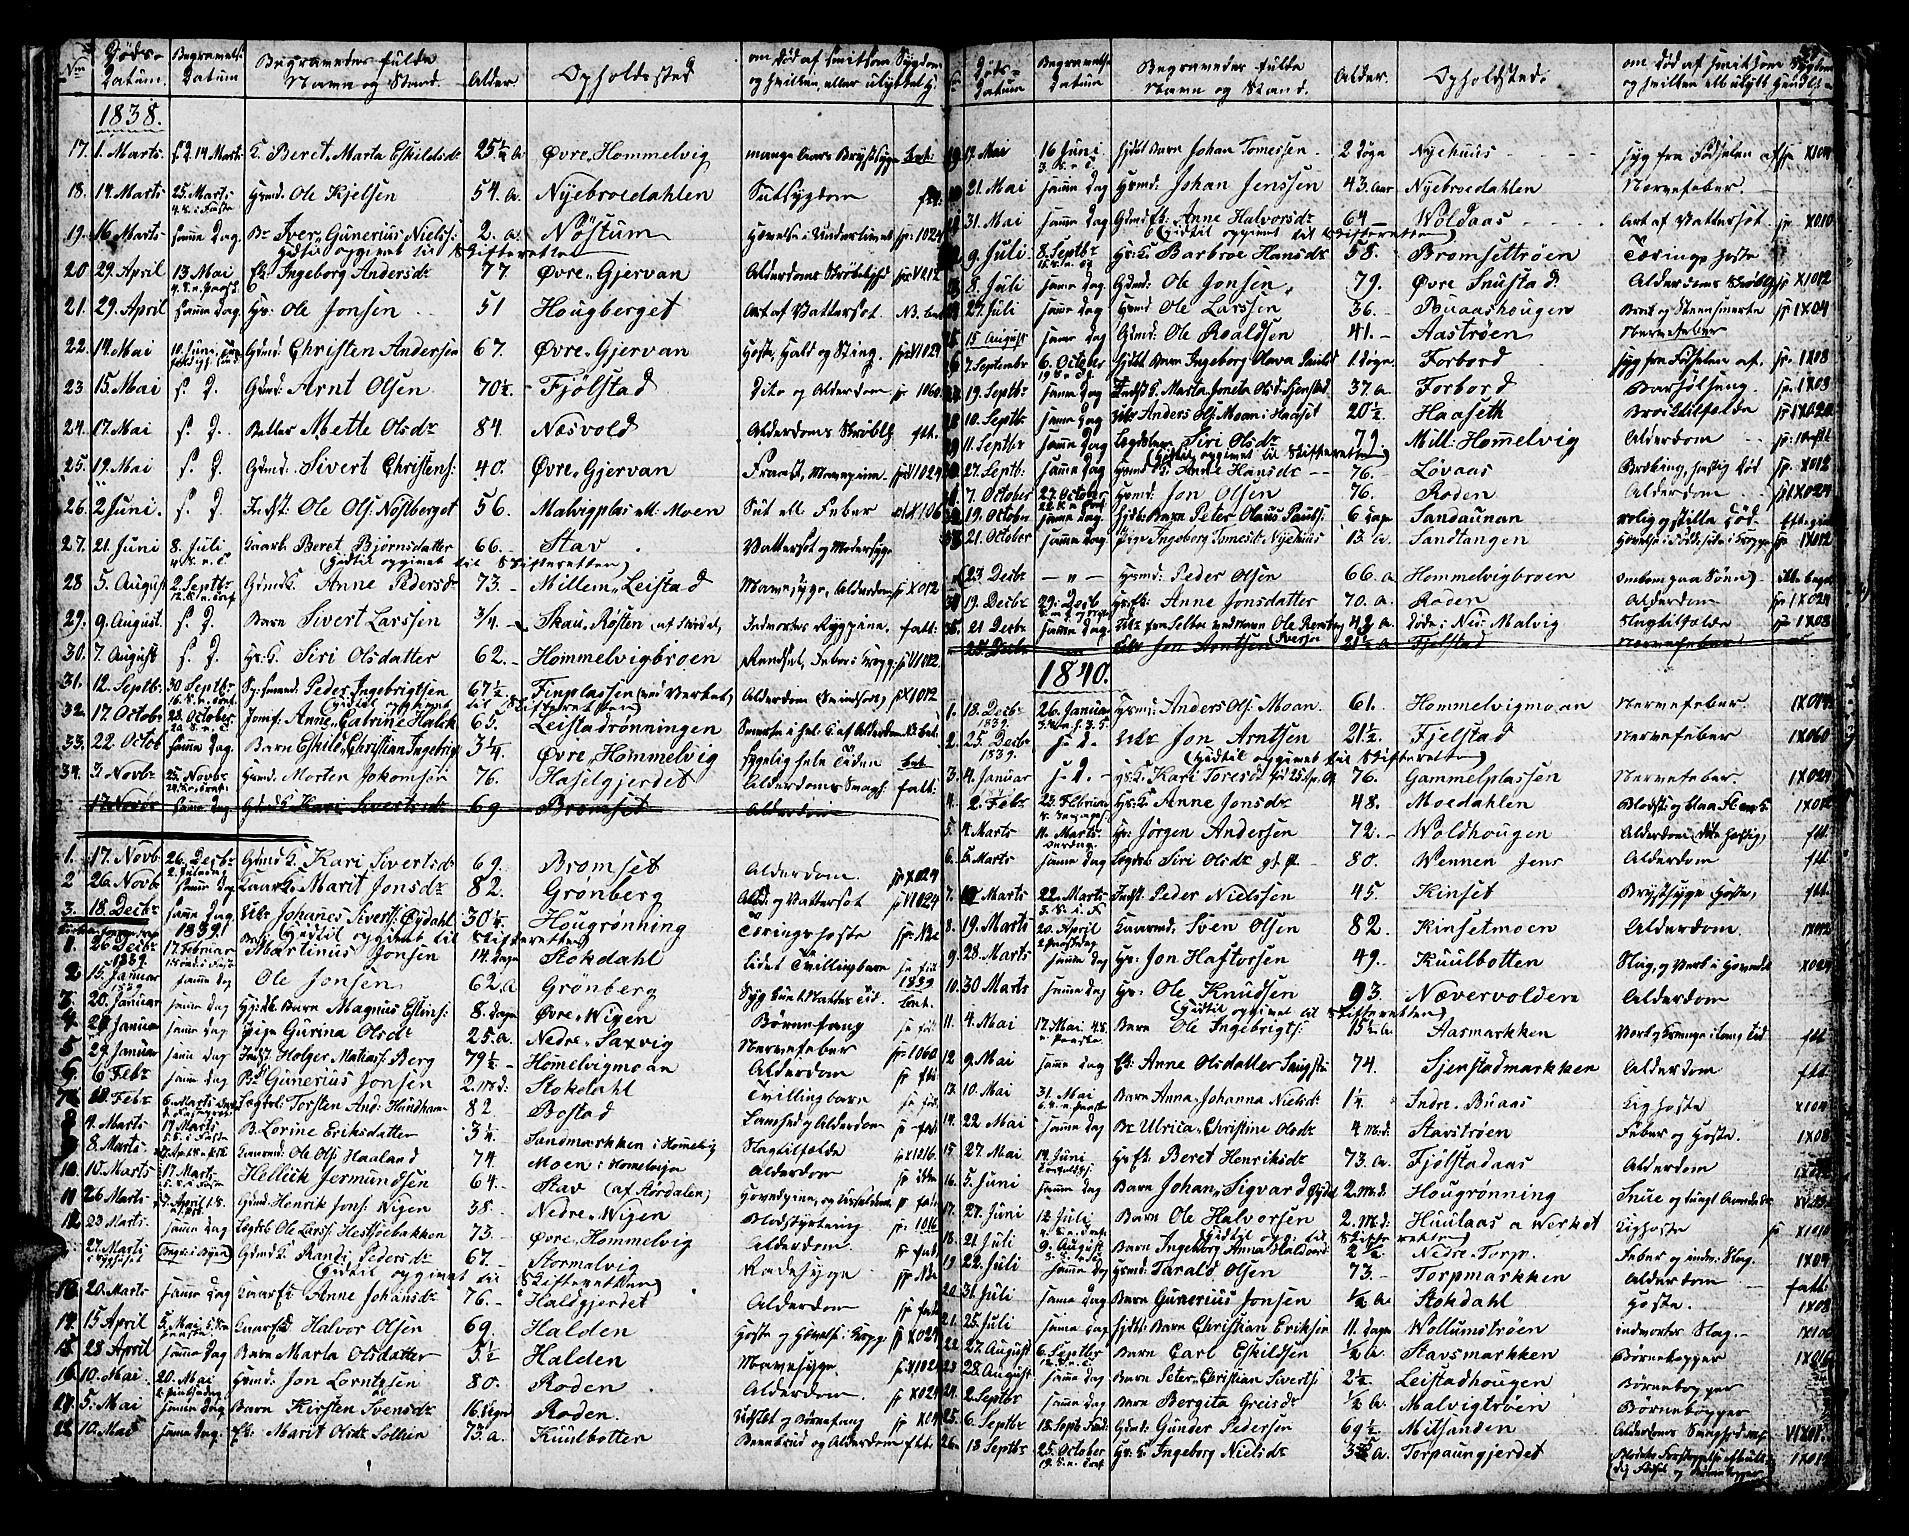 SAT, Ministerialprotokoller, klokkerbøker og fødselsregistre - Sør-Trøndelag, 616/L0421: Klokkerbok nr. 616C04, 1834-1850, s. 37